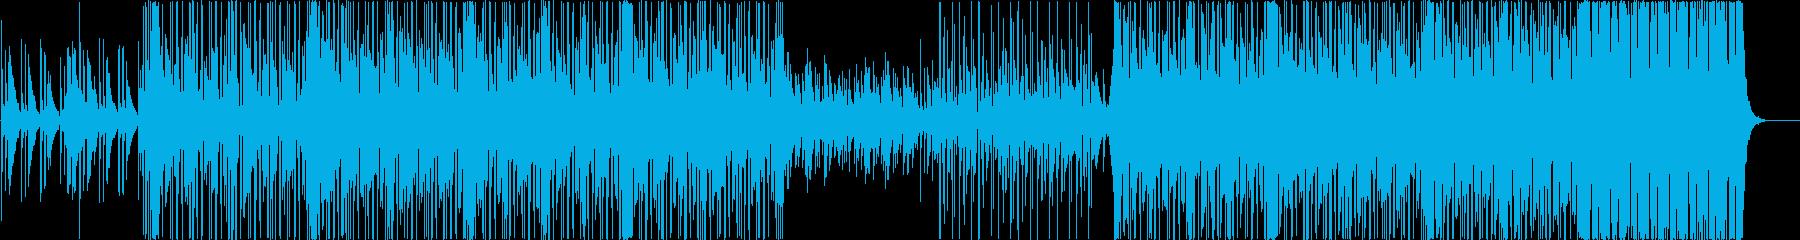 【メロディ抜き】三味線とバイオリンの和風の再生済みの波形